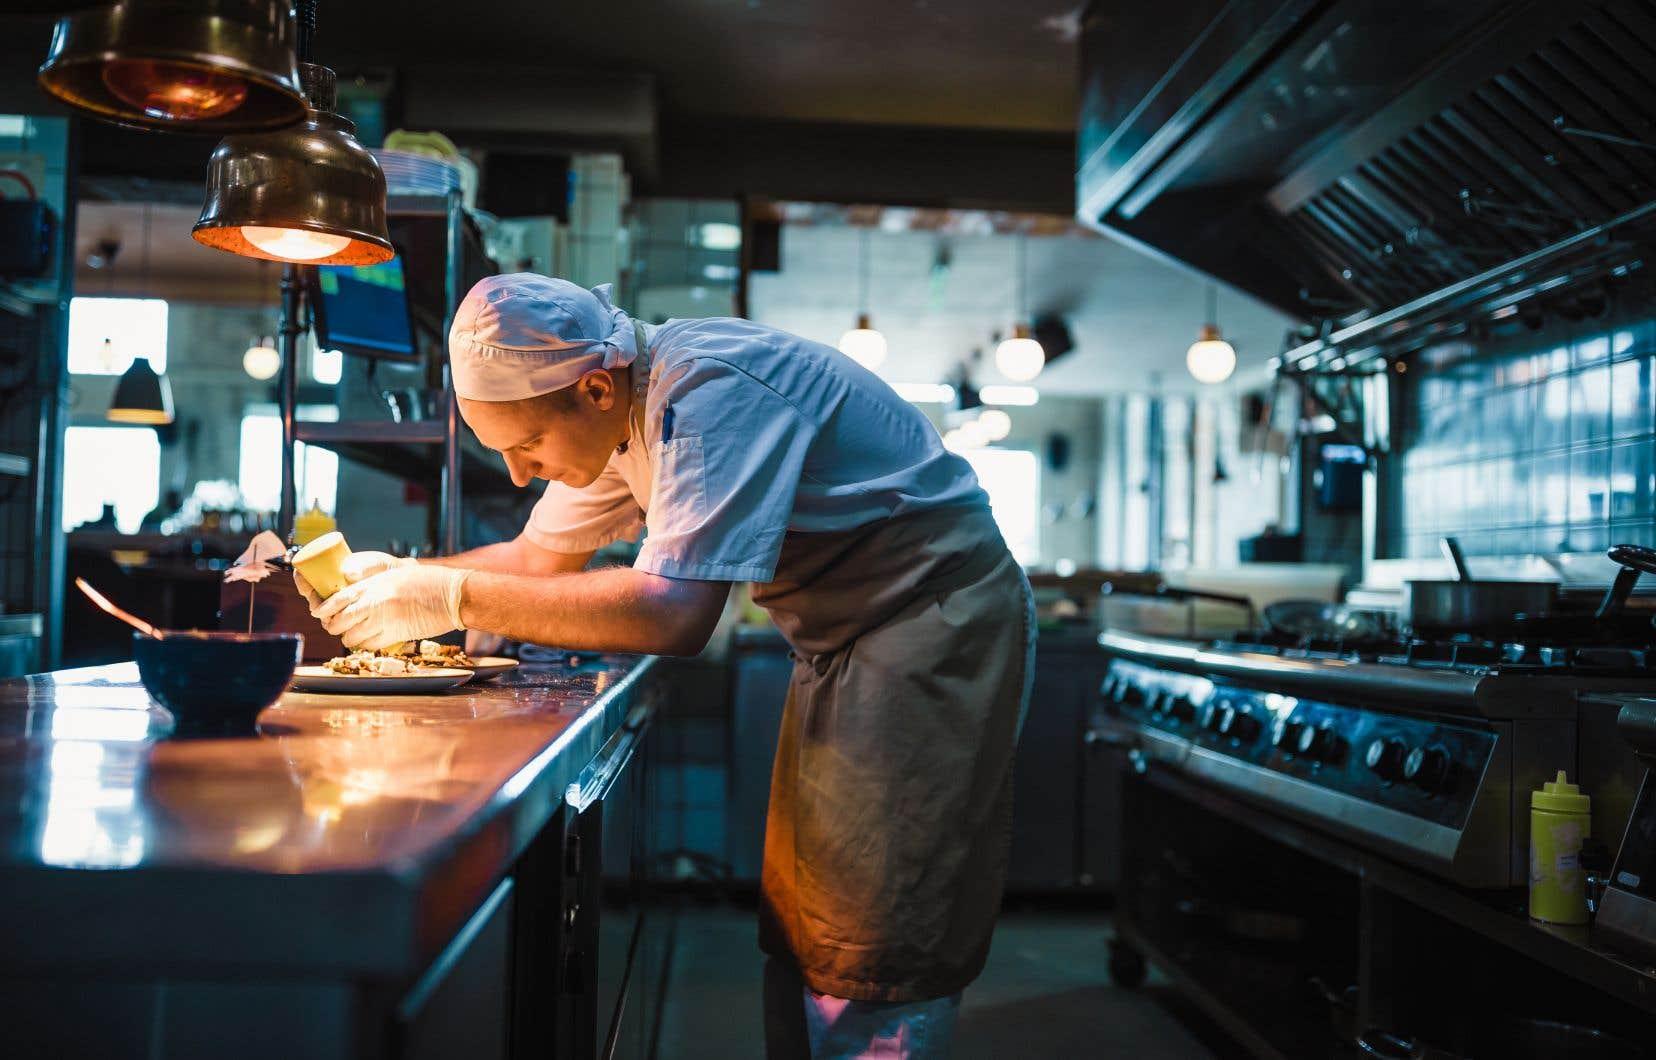 «La situation de la restauration est éloquente, des restaurants ayant de la difficulté à trouver des cuisiniers», remarque l'auteur.